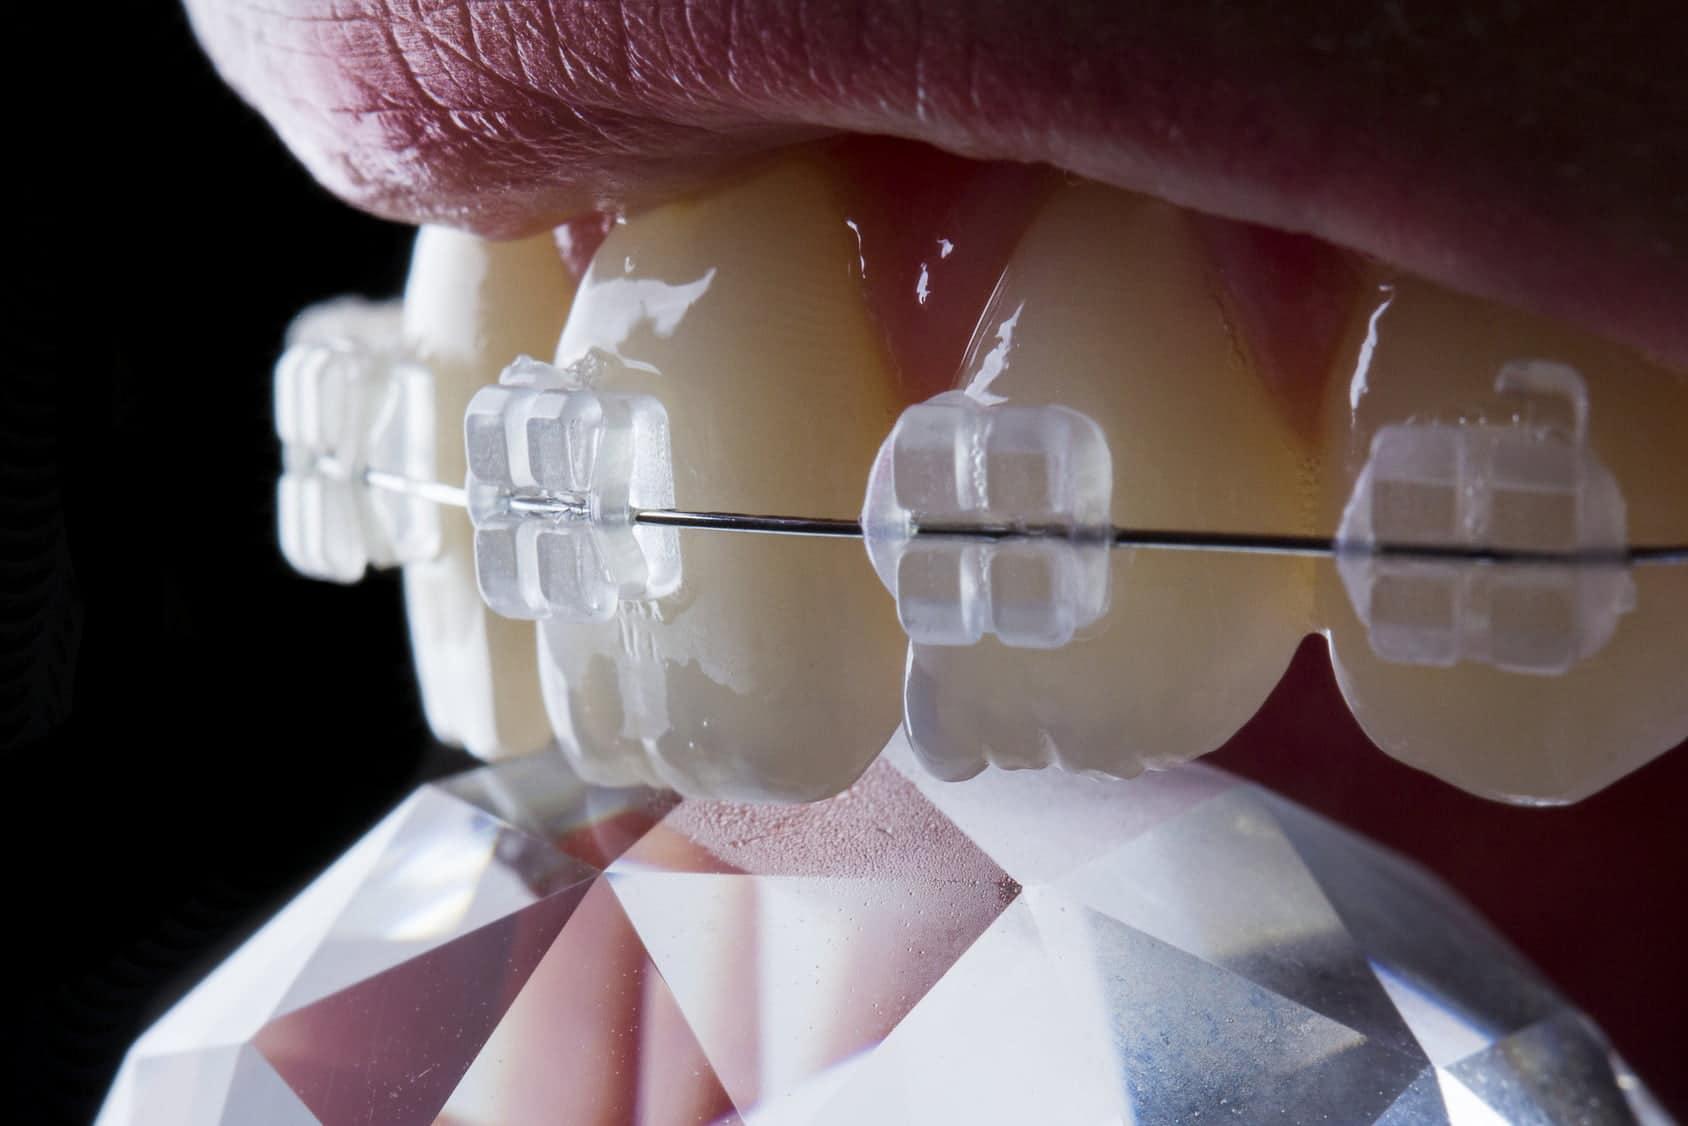 Прозрачни брекети ортодонтско лечение за възрастни дентална клиника Impression Dent София кв.Хладинлинка